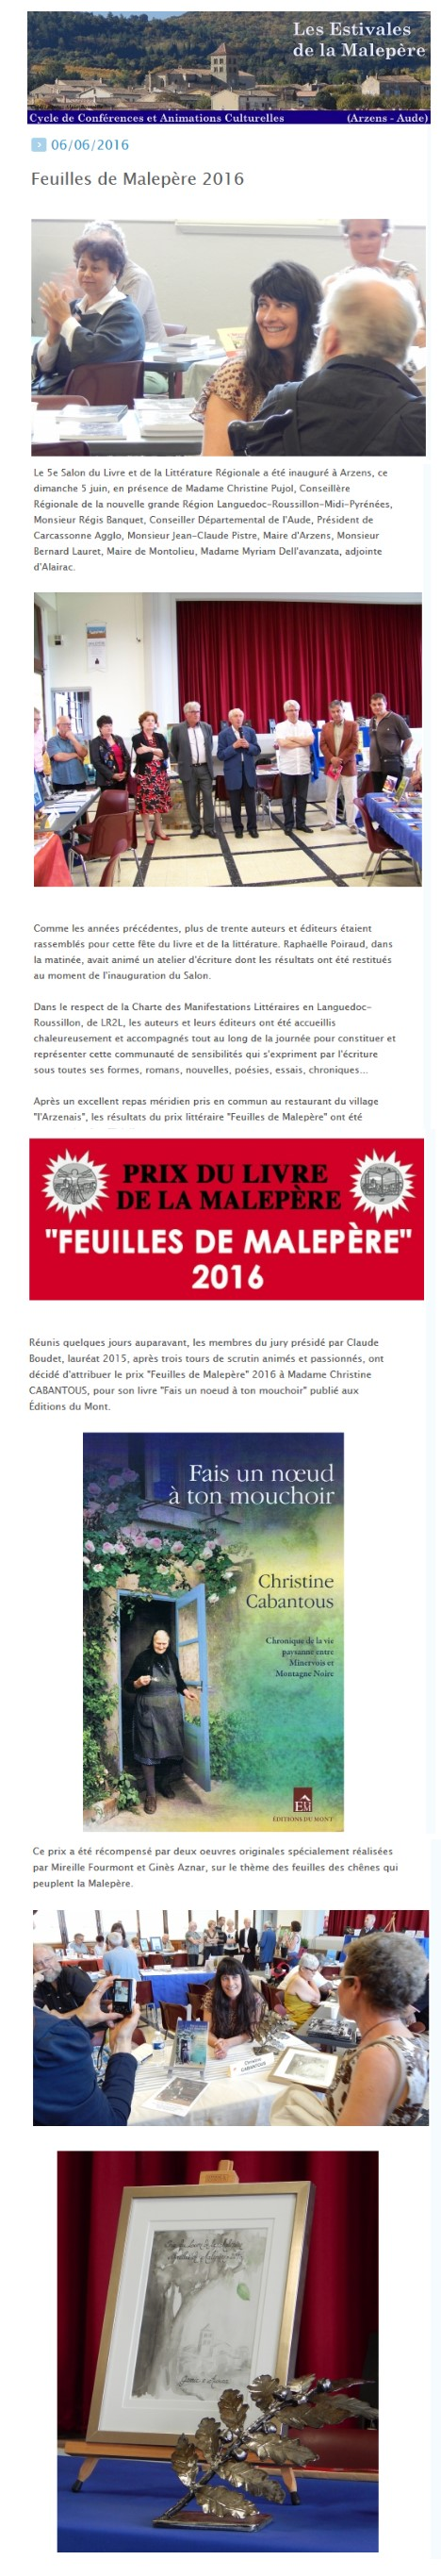 C.Cabantous - Prix Malepère 2016